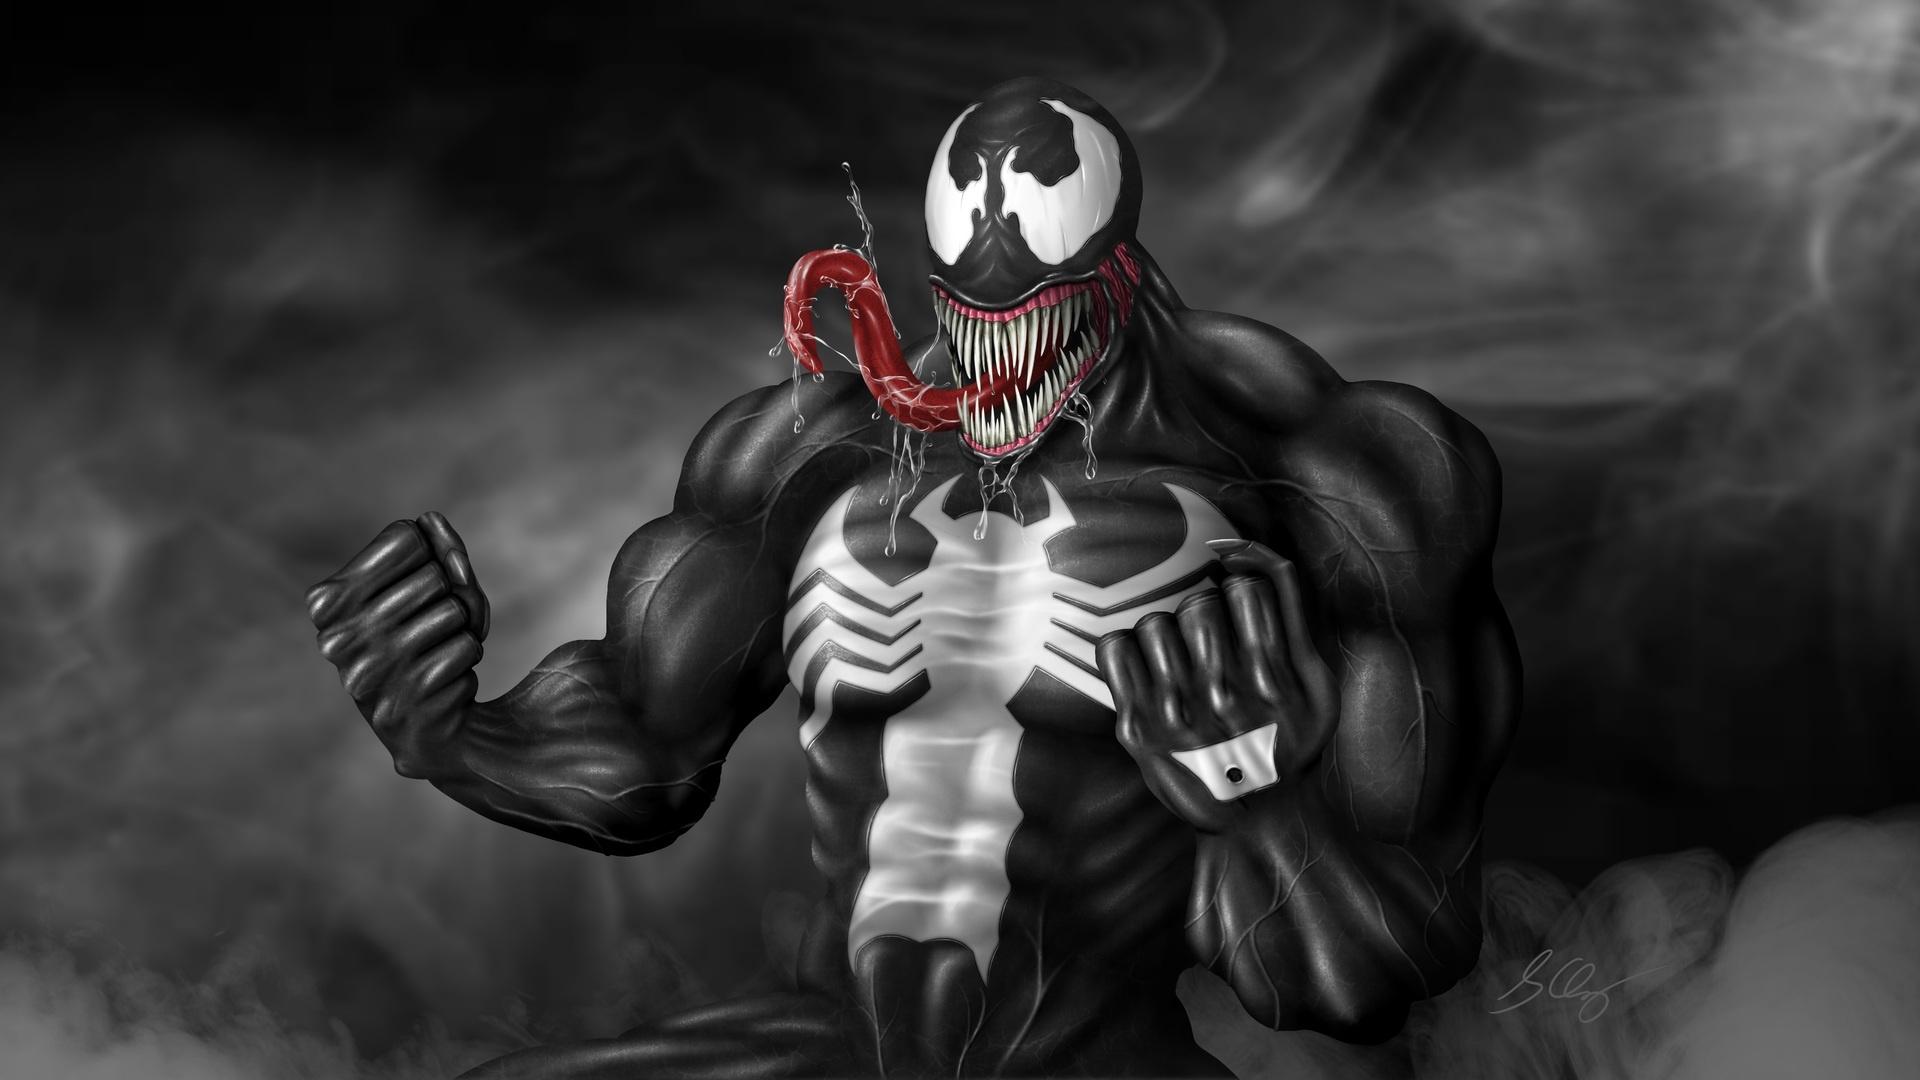 Venom computer background